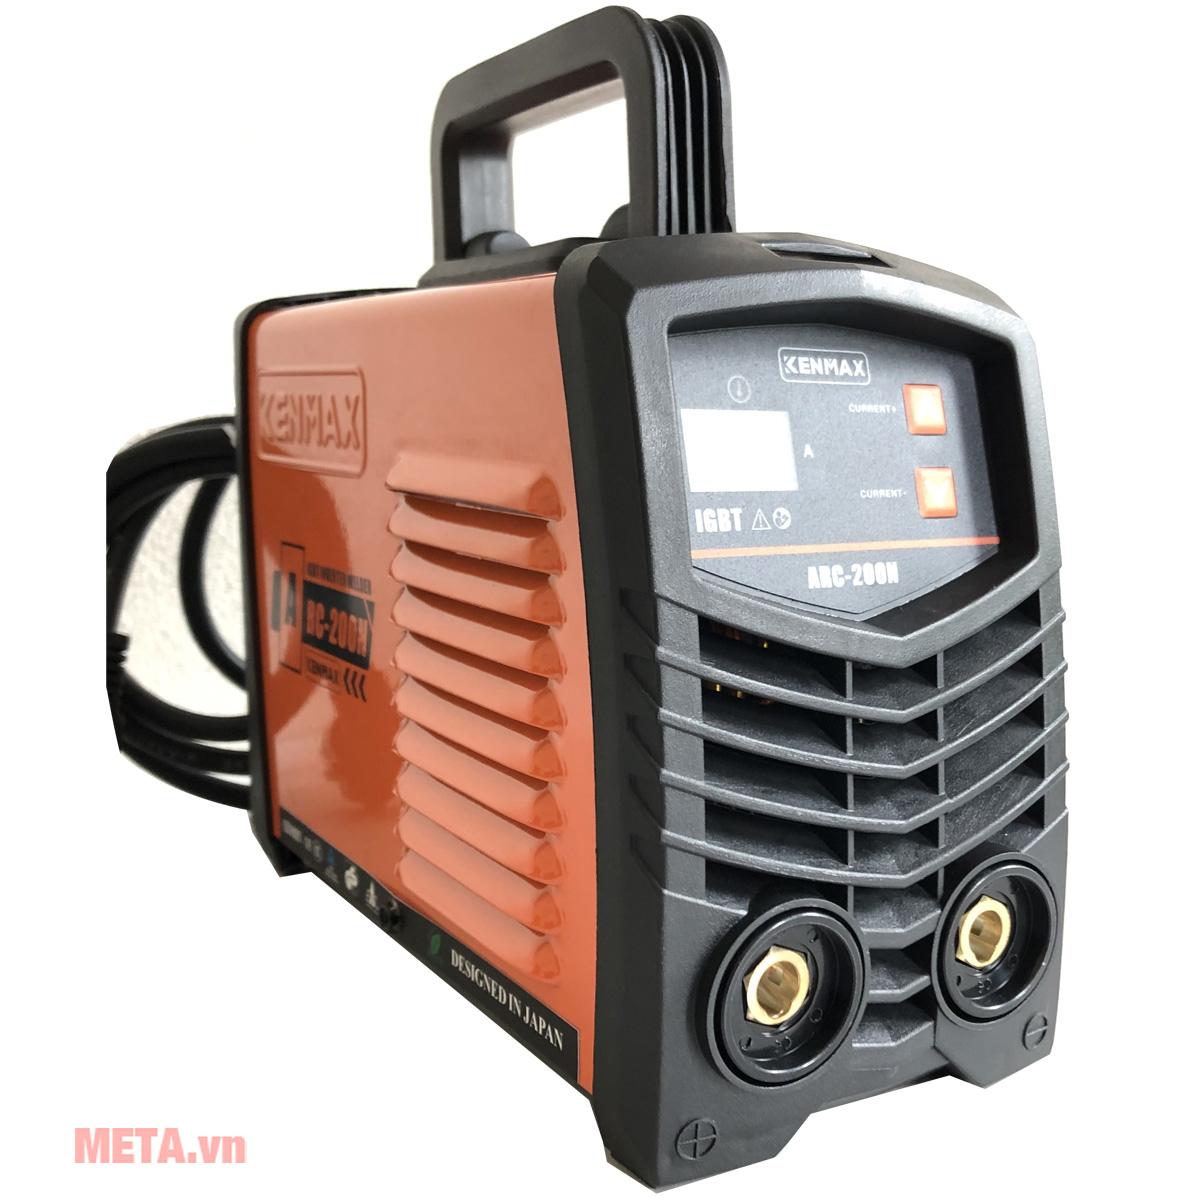 Kenmax ARC-200A